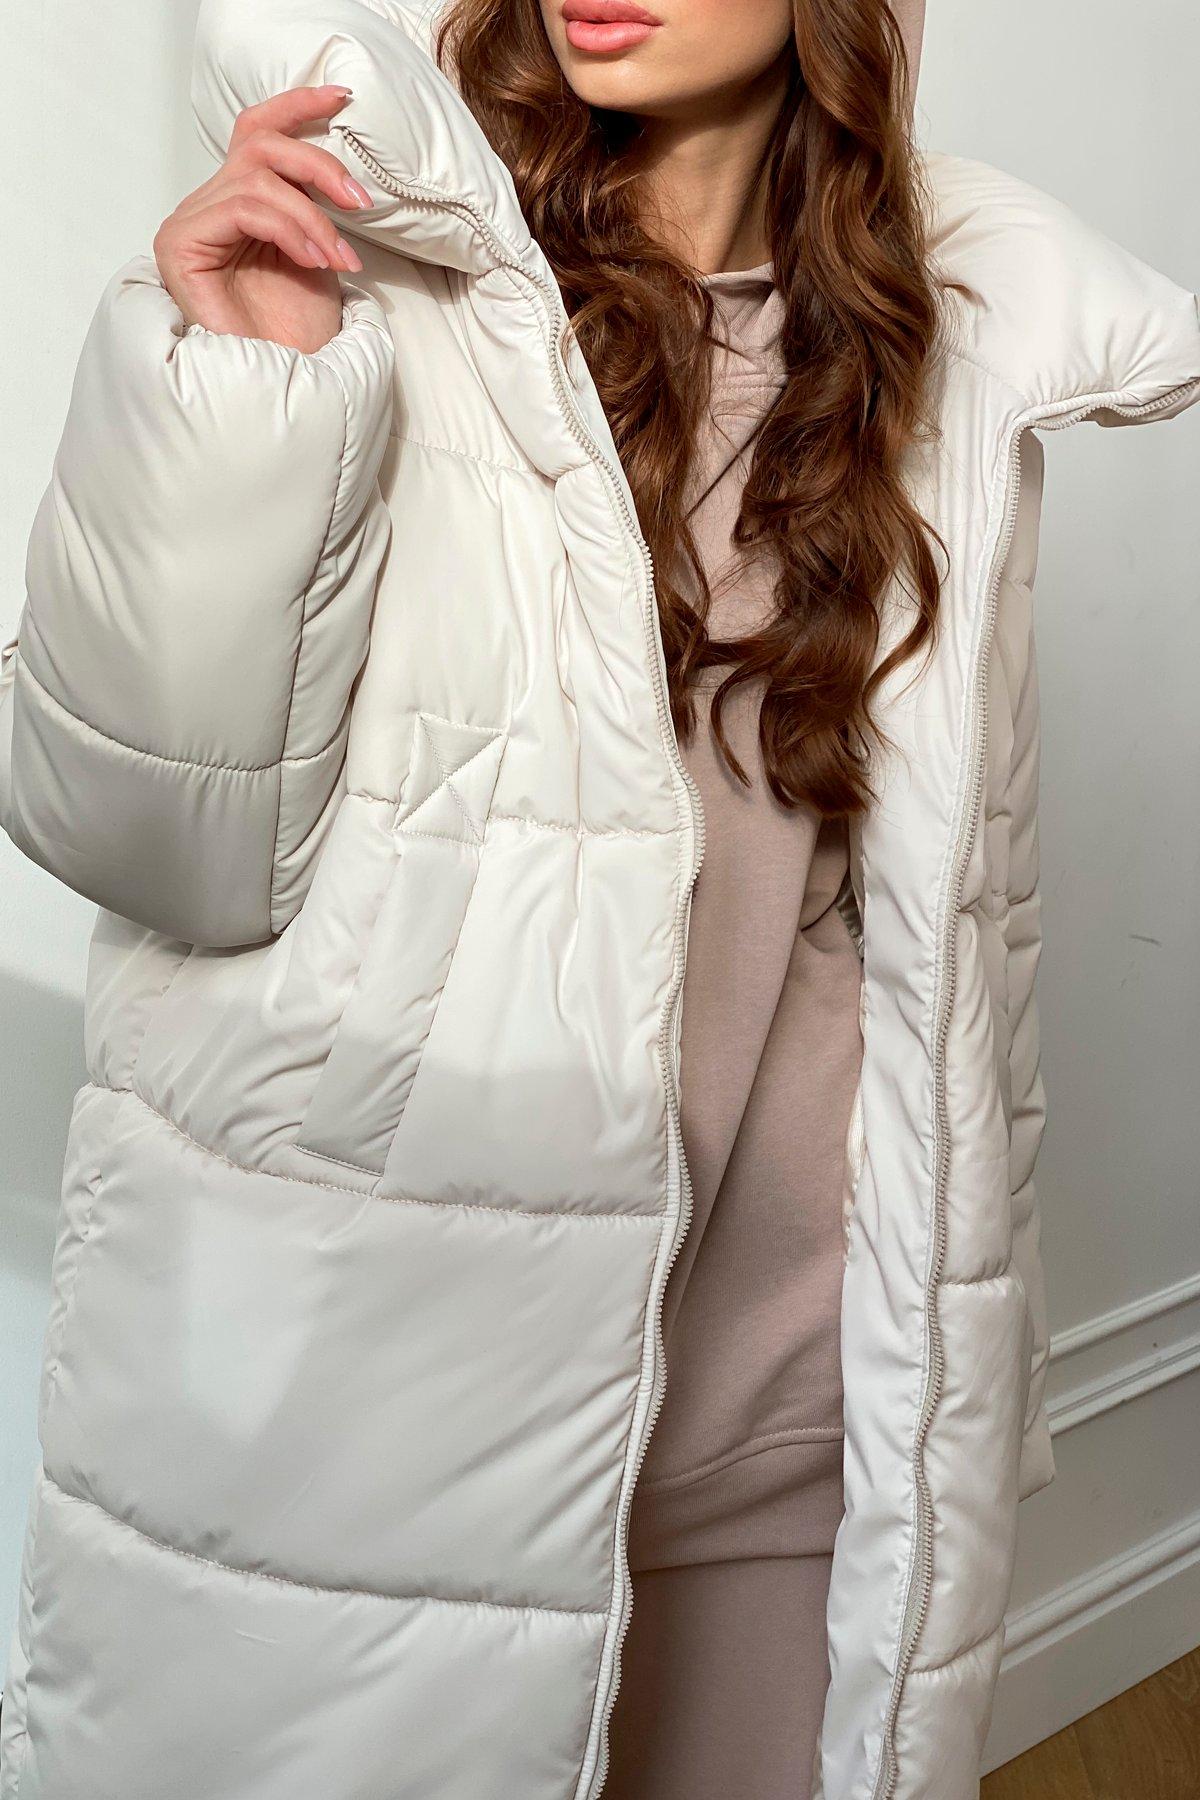 Френд  теплый пуховик из плащевой ткани 10101 АРТ. 46402 Цвет: Молоко - фото 2, интернет магазин tm-modus.ru